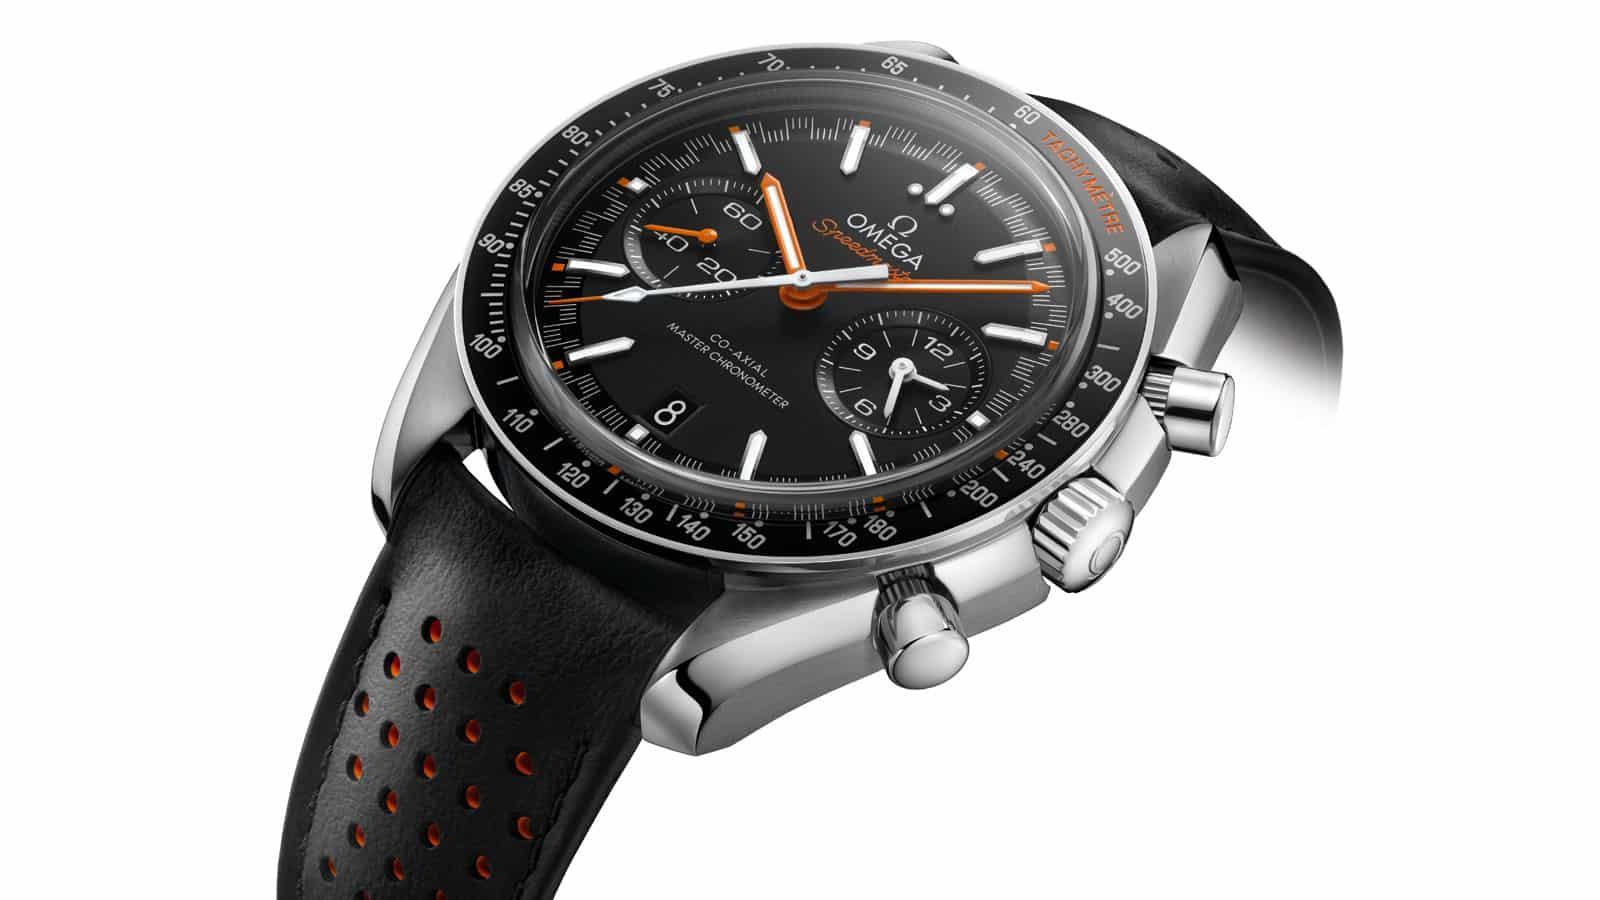 Montre-Omgea-Speedmaster-Racing-329.32.44.51.01-Lionel-Meylan-Horlogerie-Joaillerie-Vevey